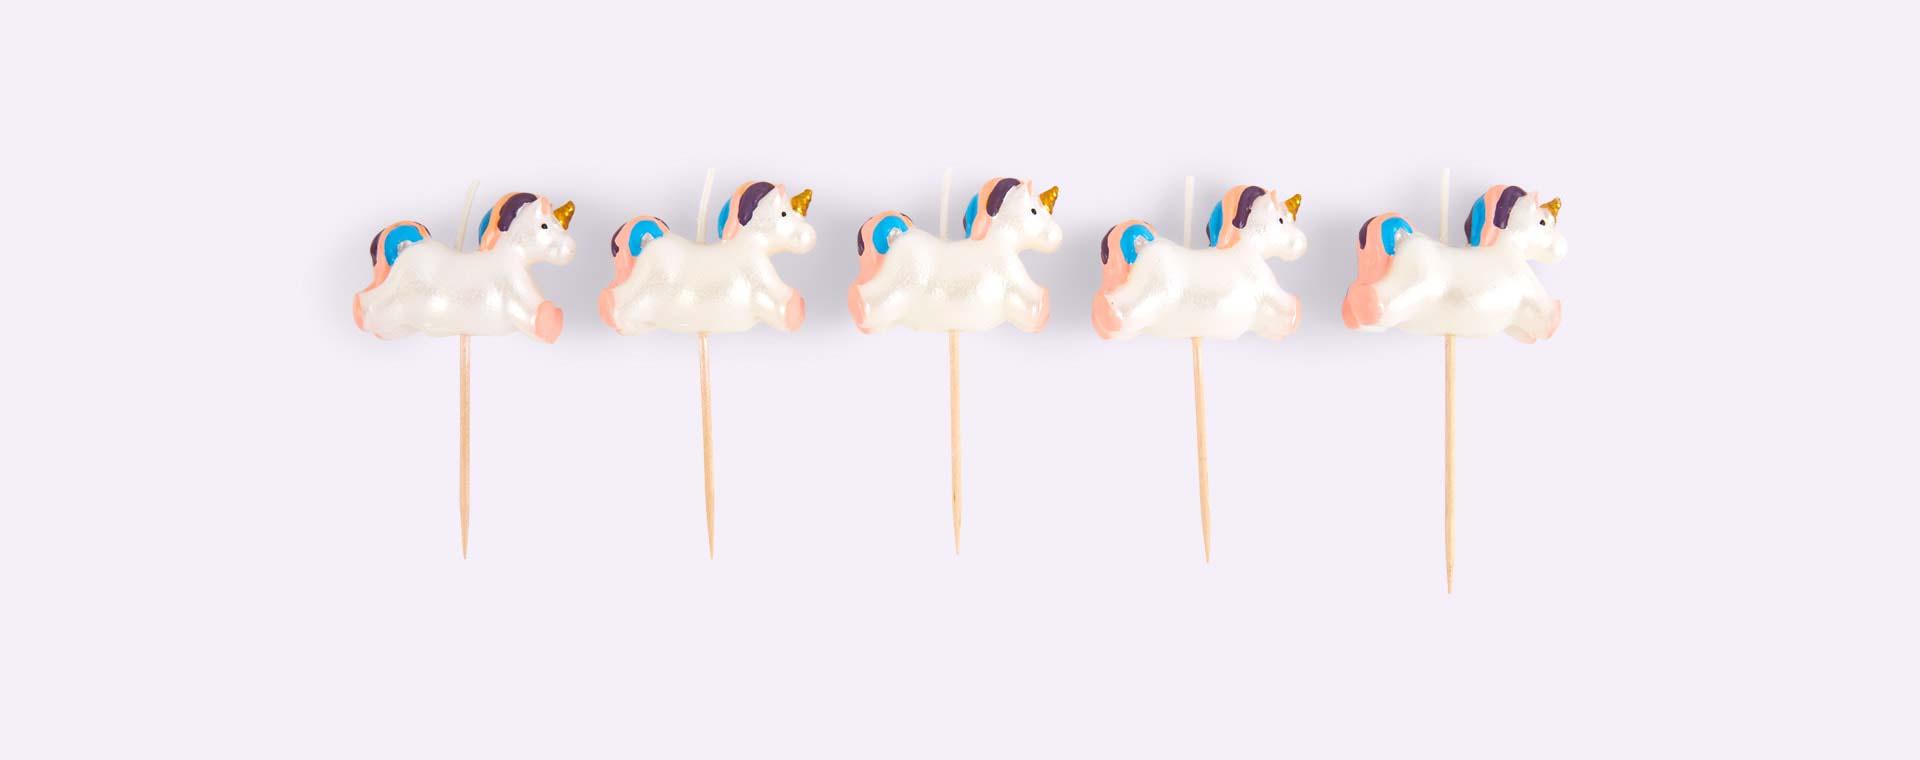 Unicorn Smiling Faces Unicorn Candles